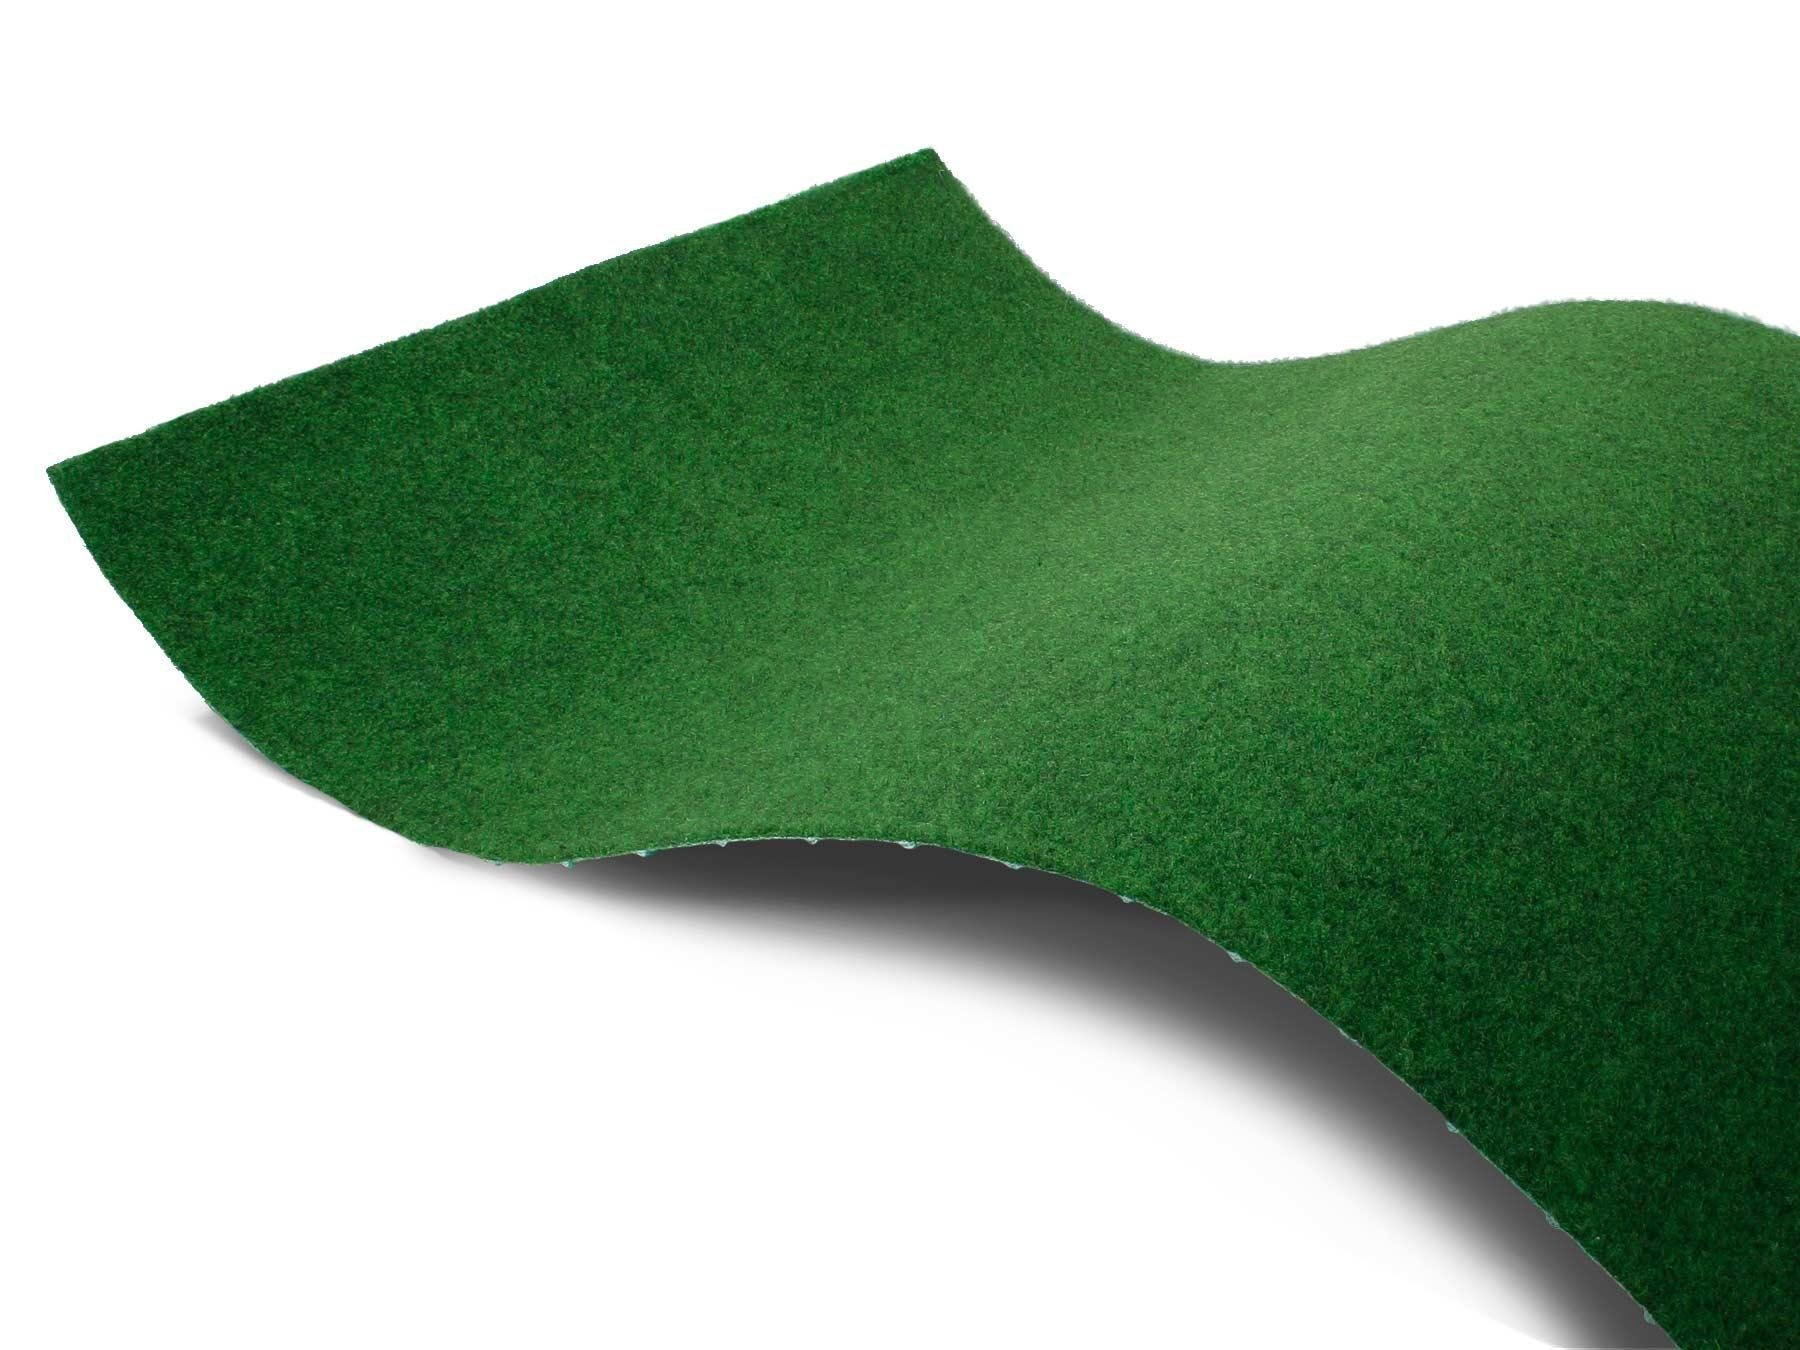 Outdoorteppich COMFORT Primaflor-Ideen in Textil rechteckig Höhe 5 mm | Heimtextilien > Teppiche > Sonstige-Teppiche | Grün | Primaflor-Ideen In Textil